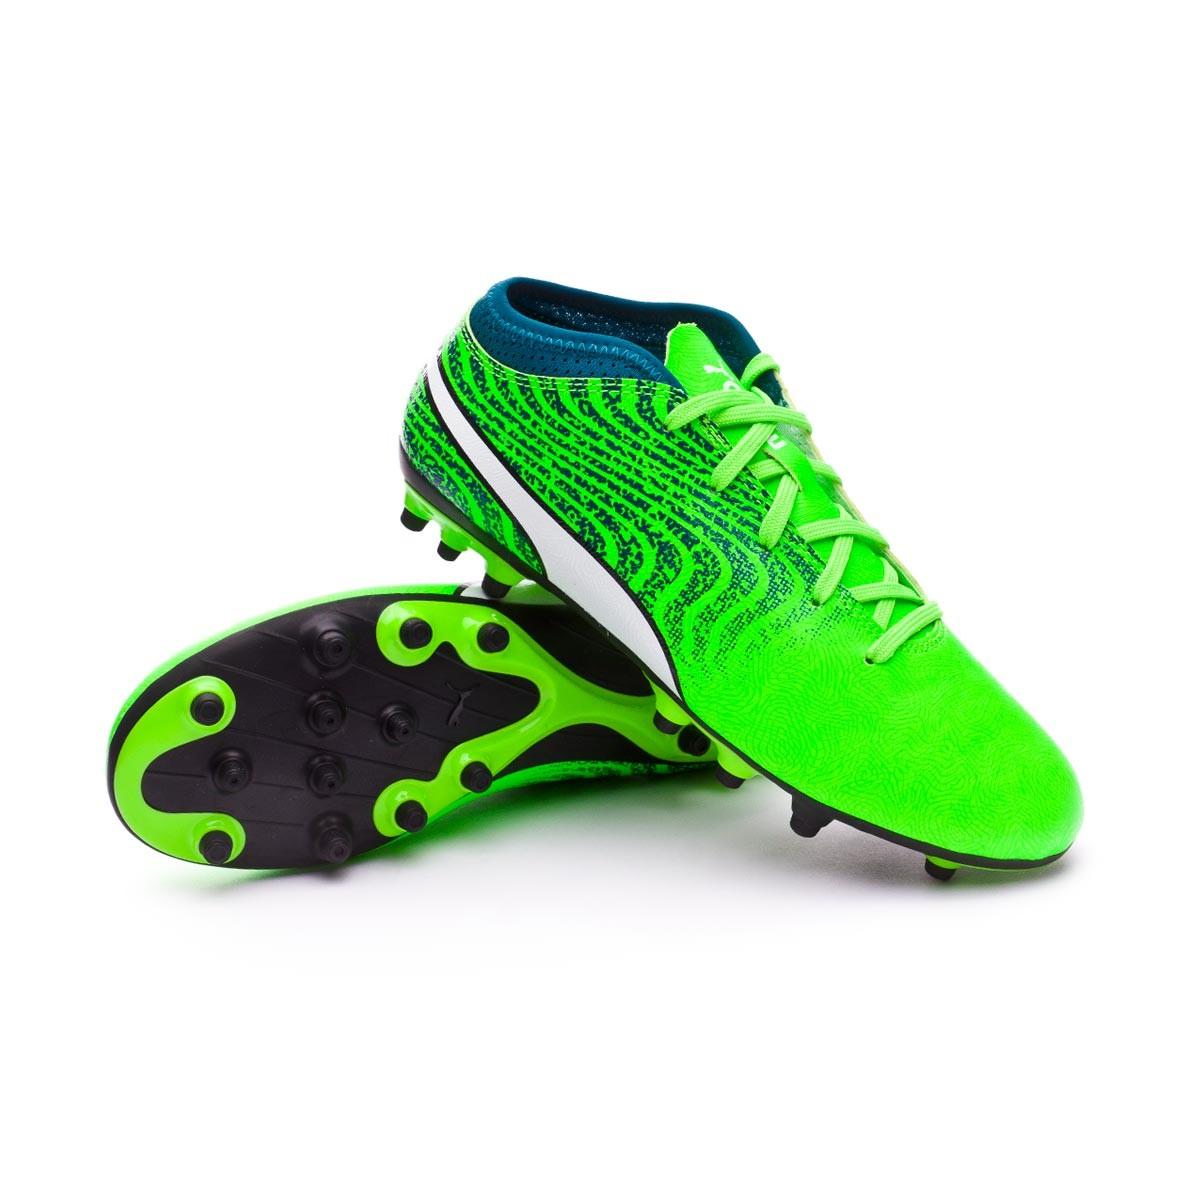 Boot Puma Kids One 18.4 AG Green gecko-Puma white-Deep lagoon ... 047d83e94200